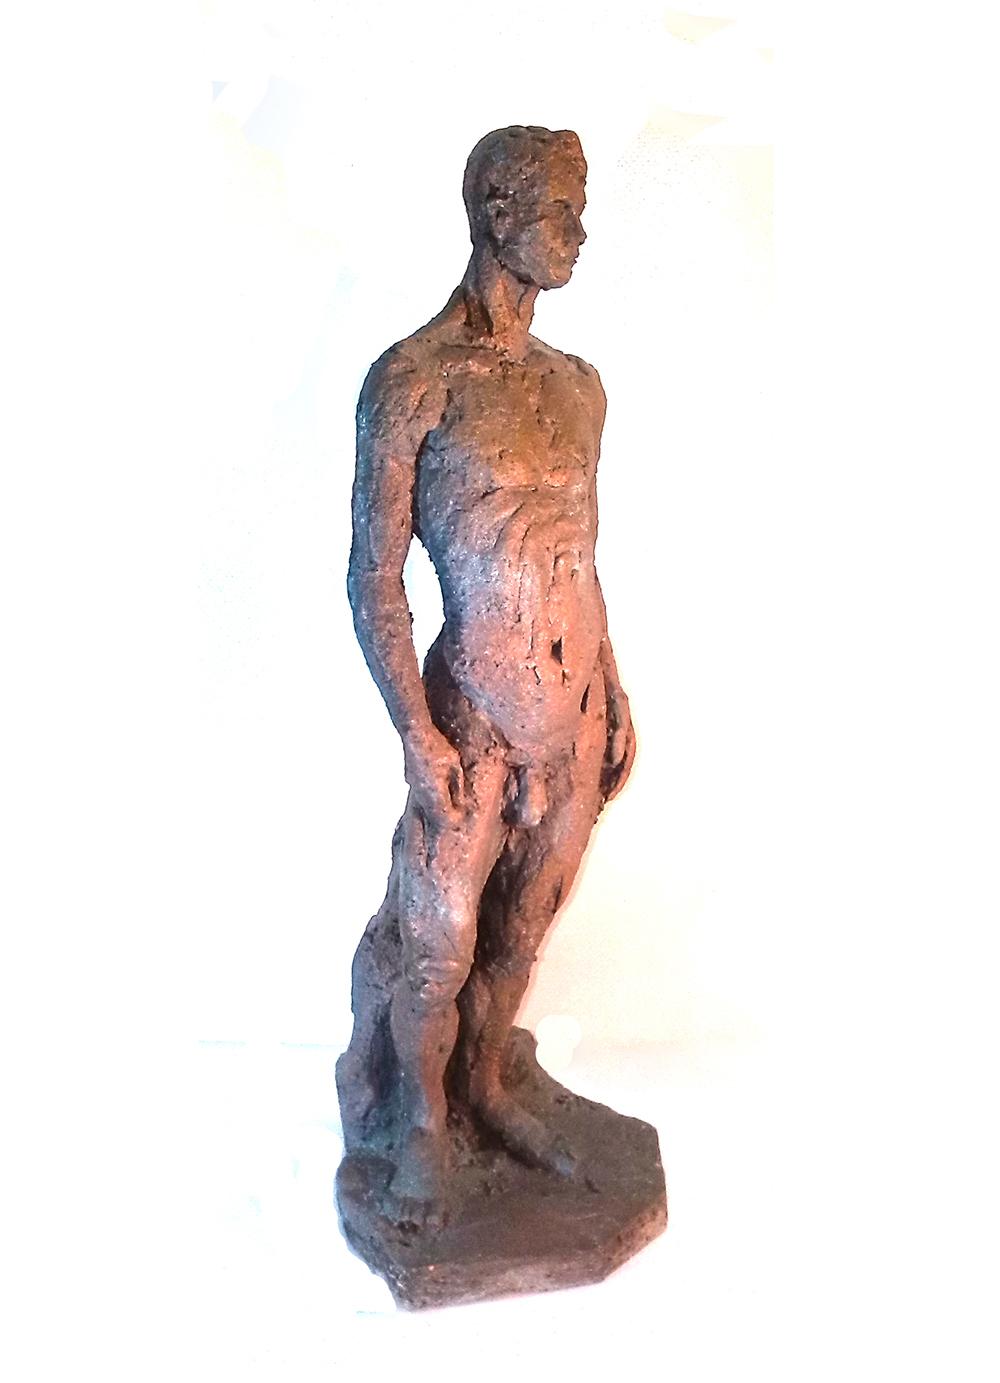 Escultura-Masculina-A-Figurativo-Realista-RD.Escultor